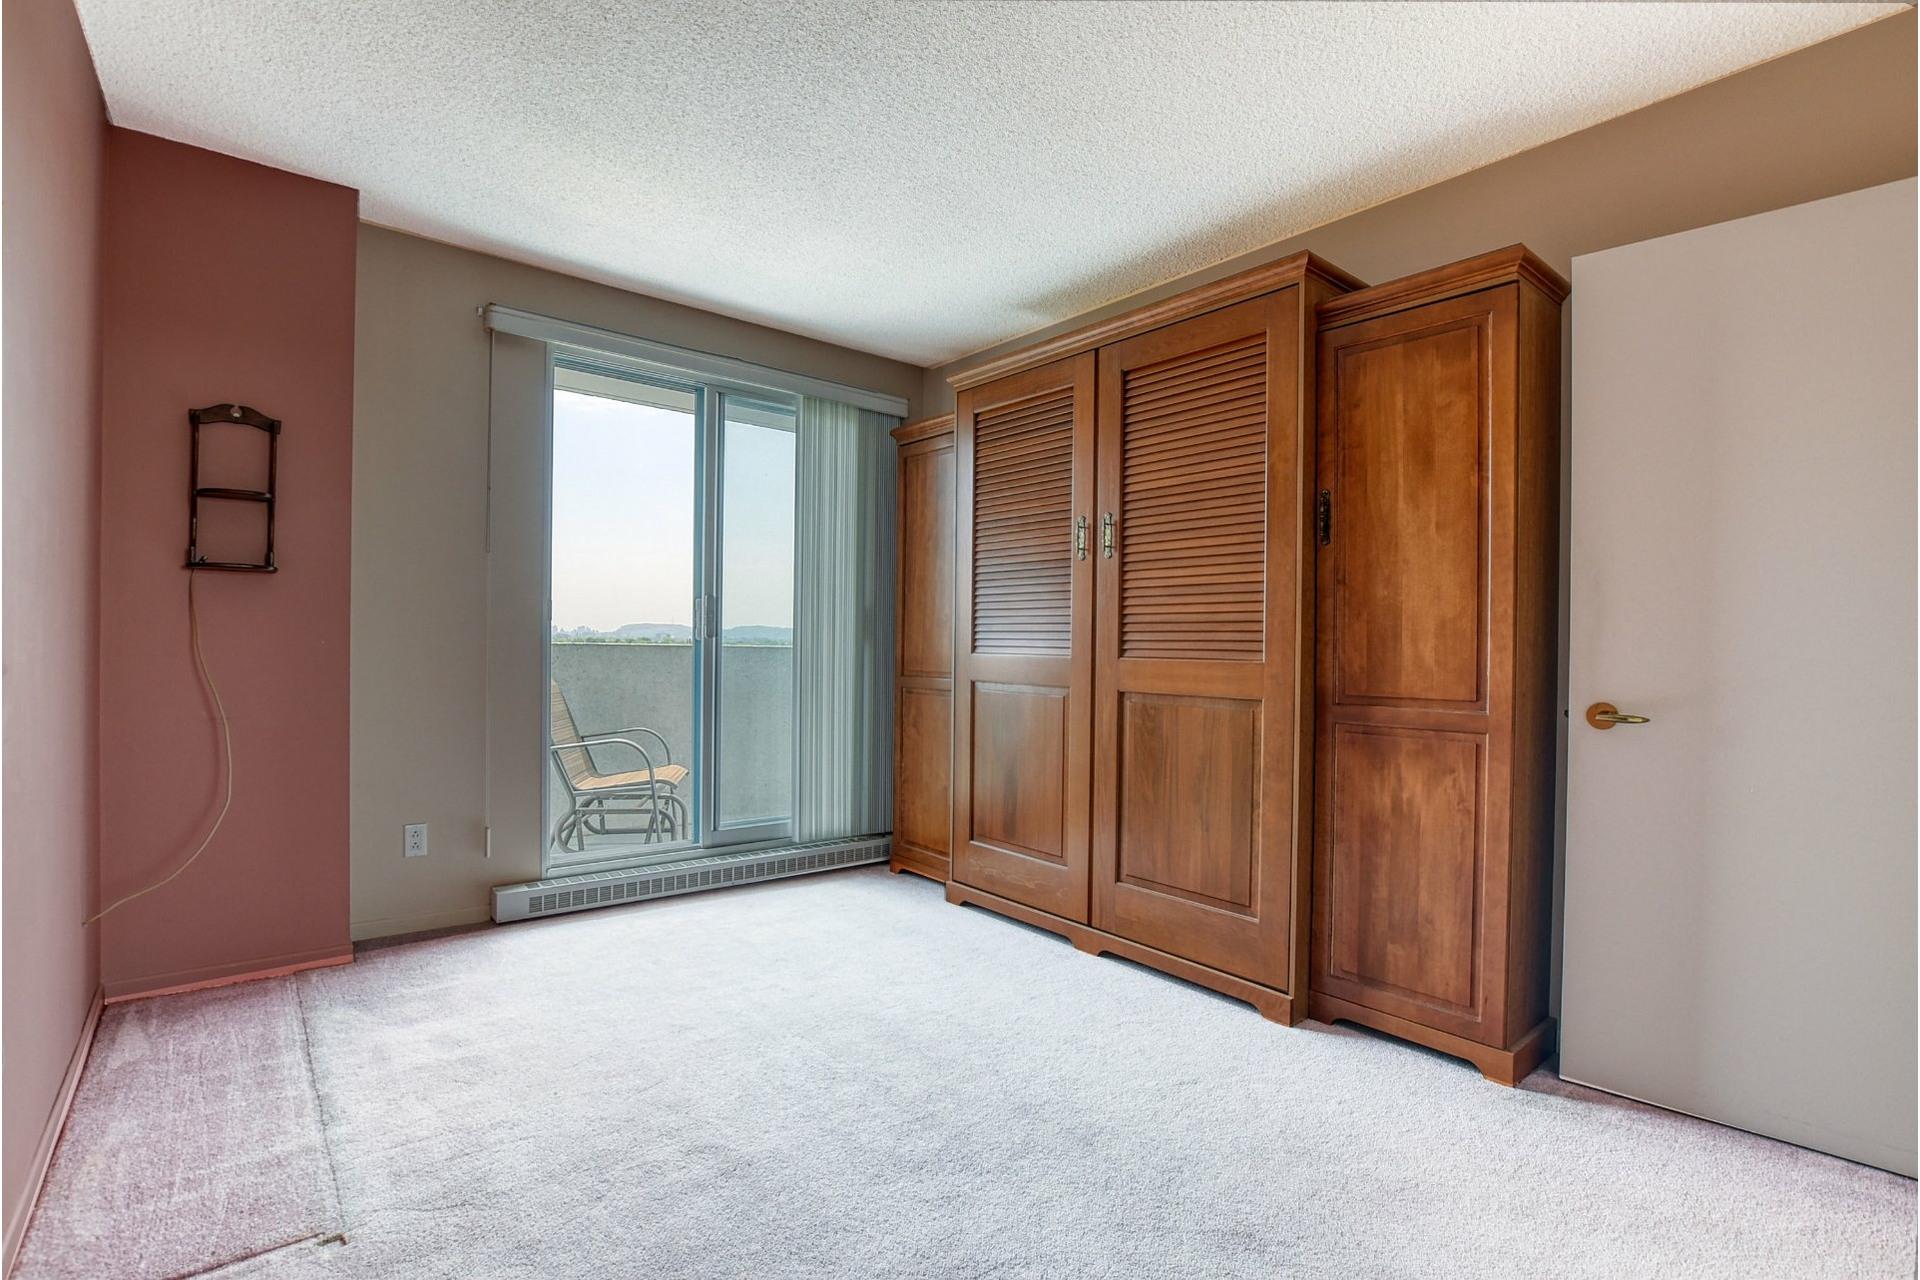 image 14 - Appartement À vendre Montréal-Nord Montréal  - 5 pièces